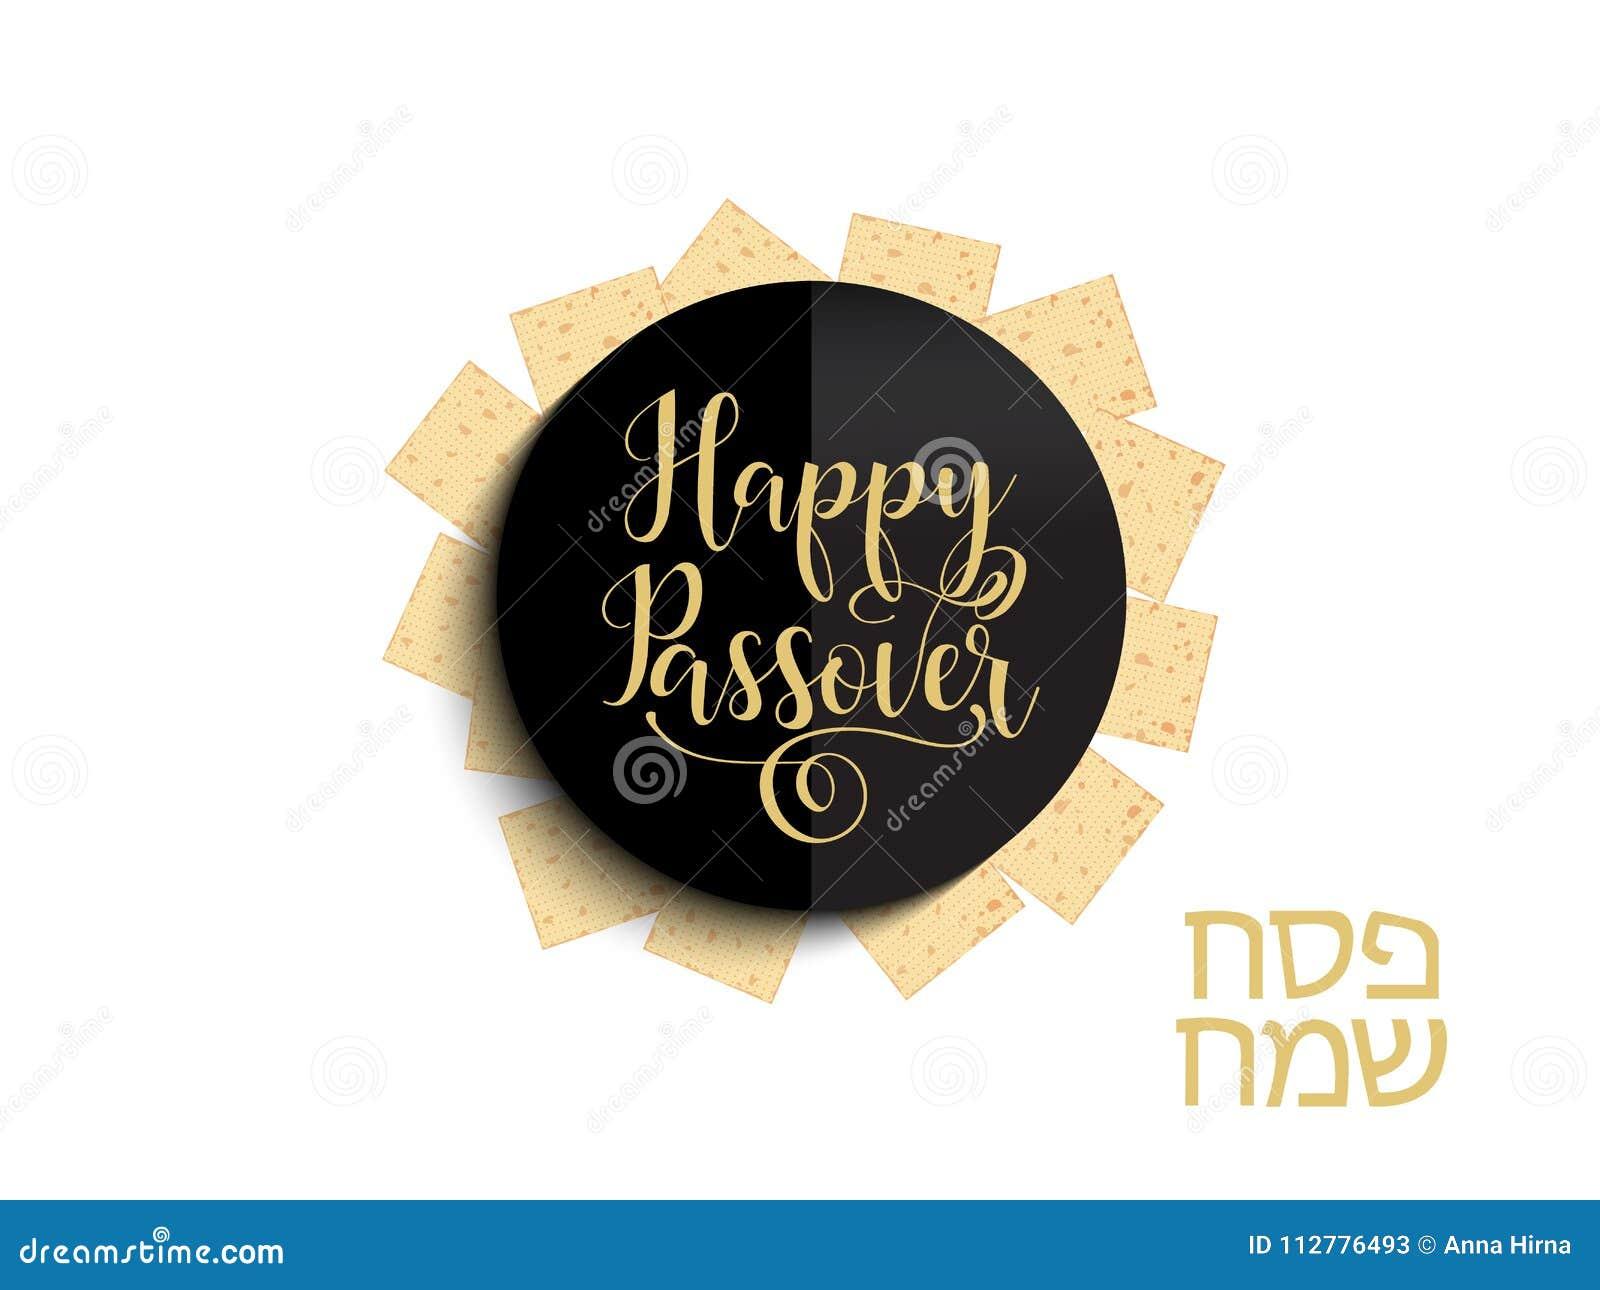 Illustration traditionnelle de matzah de fond heureux de pâque pour la carte de voeux, annonce, promotion, affiche, insecte, blog